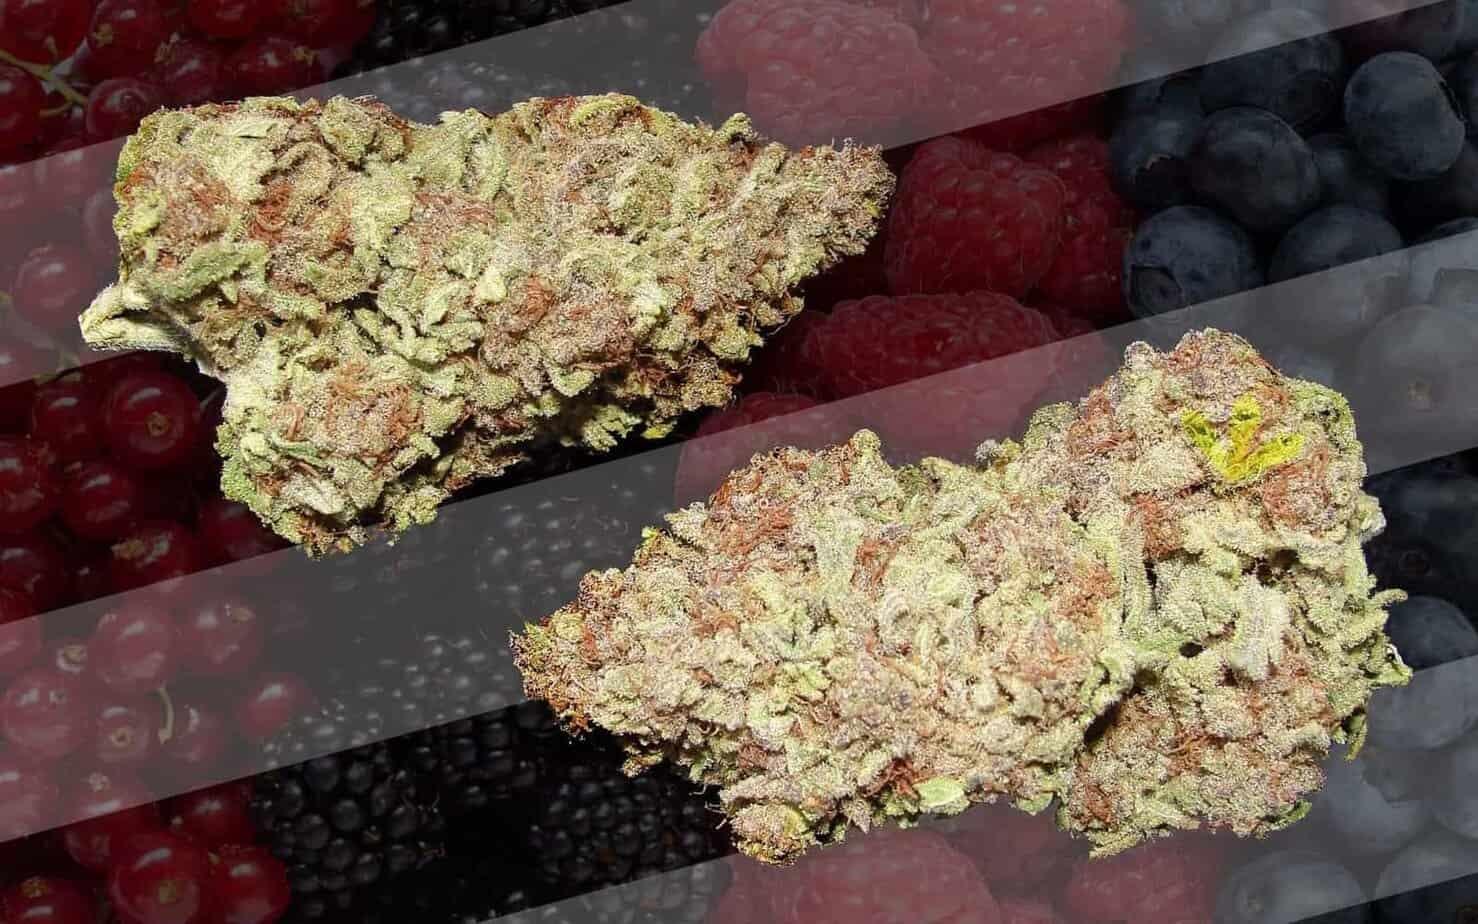 420 Marijuana Reviews: Berry White